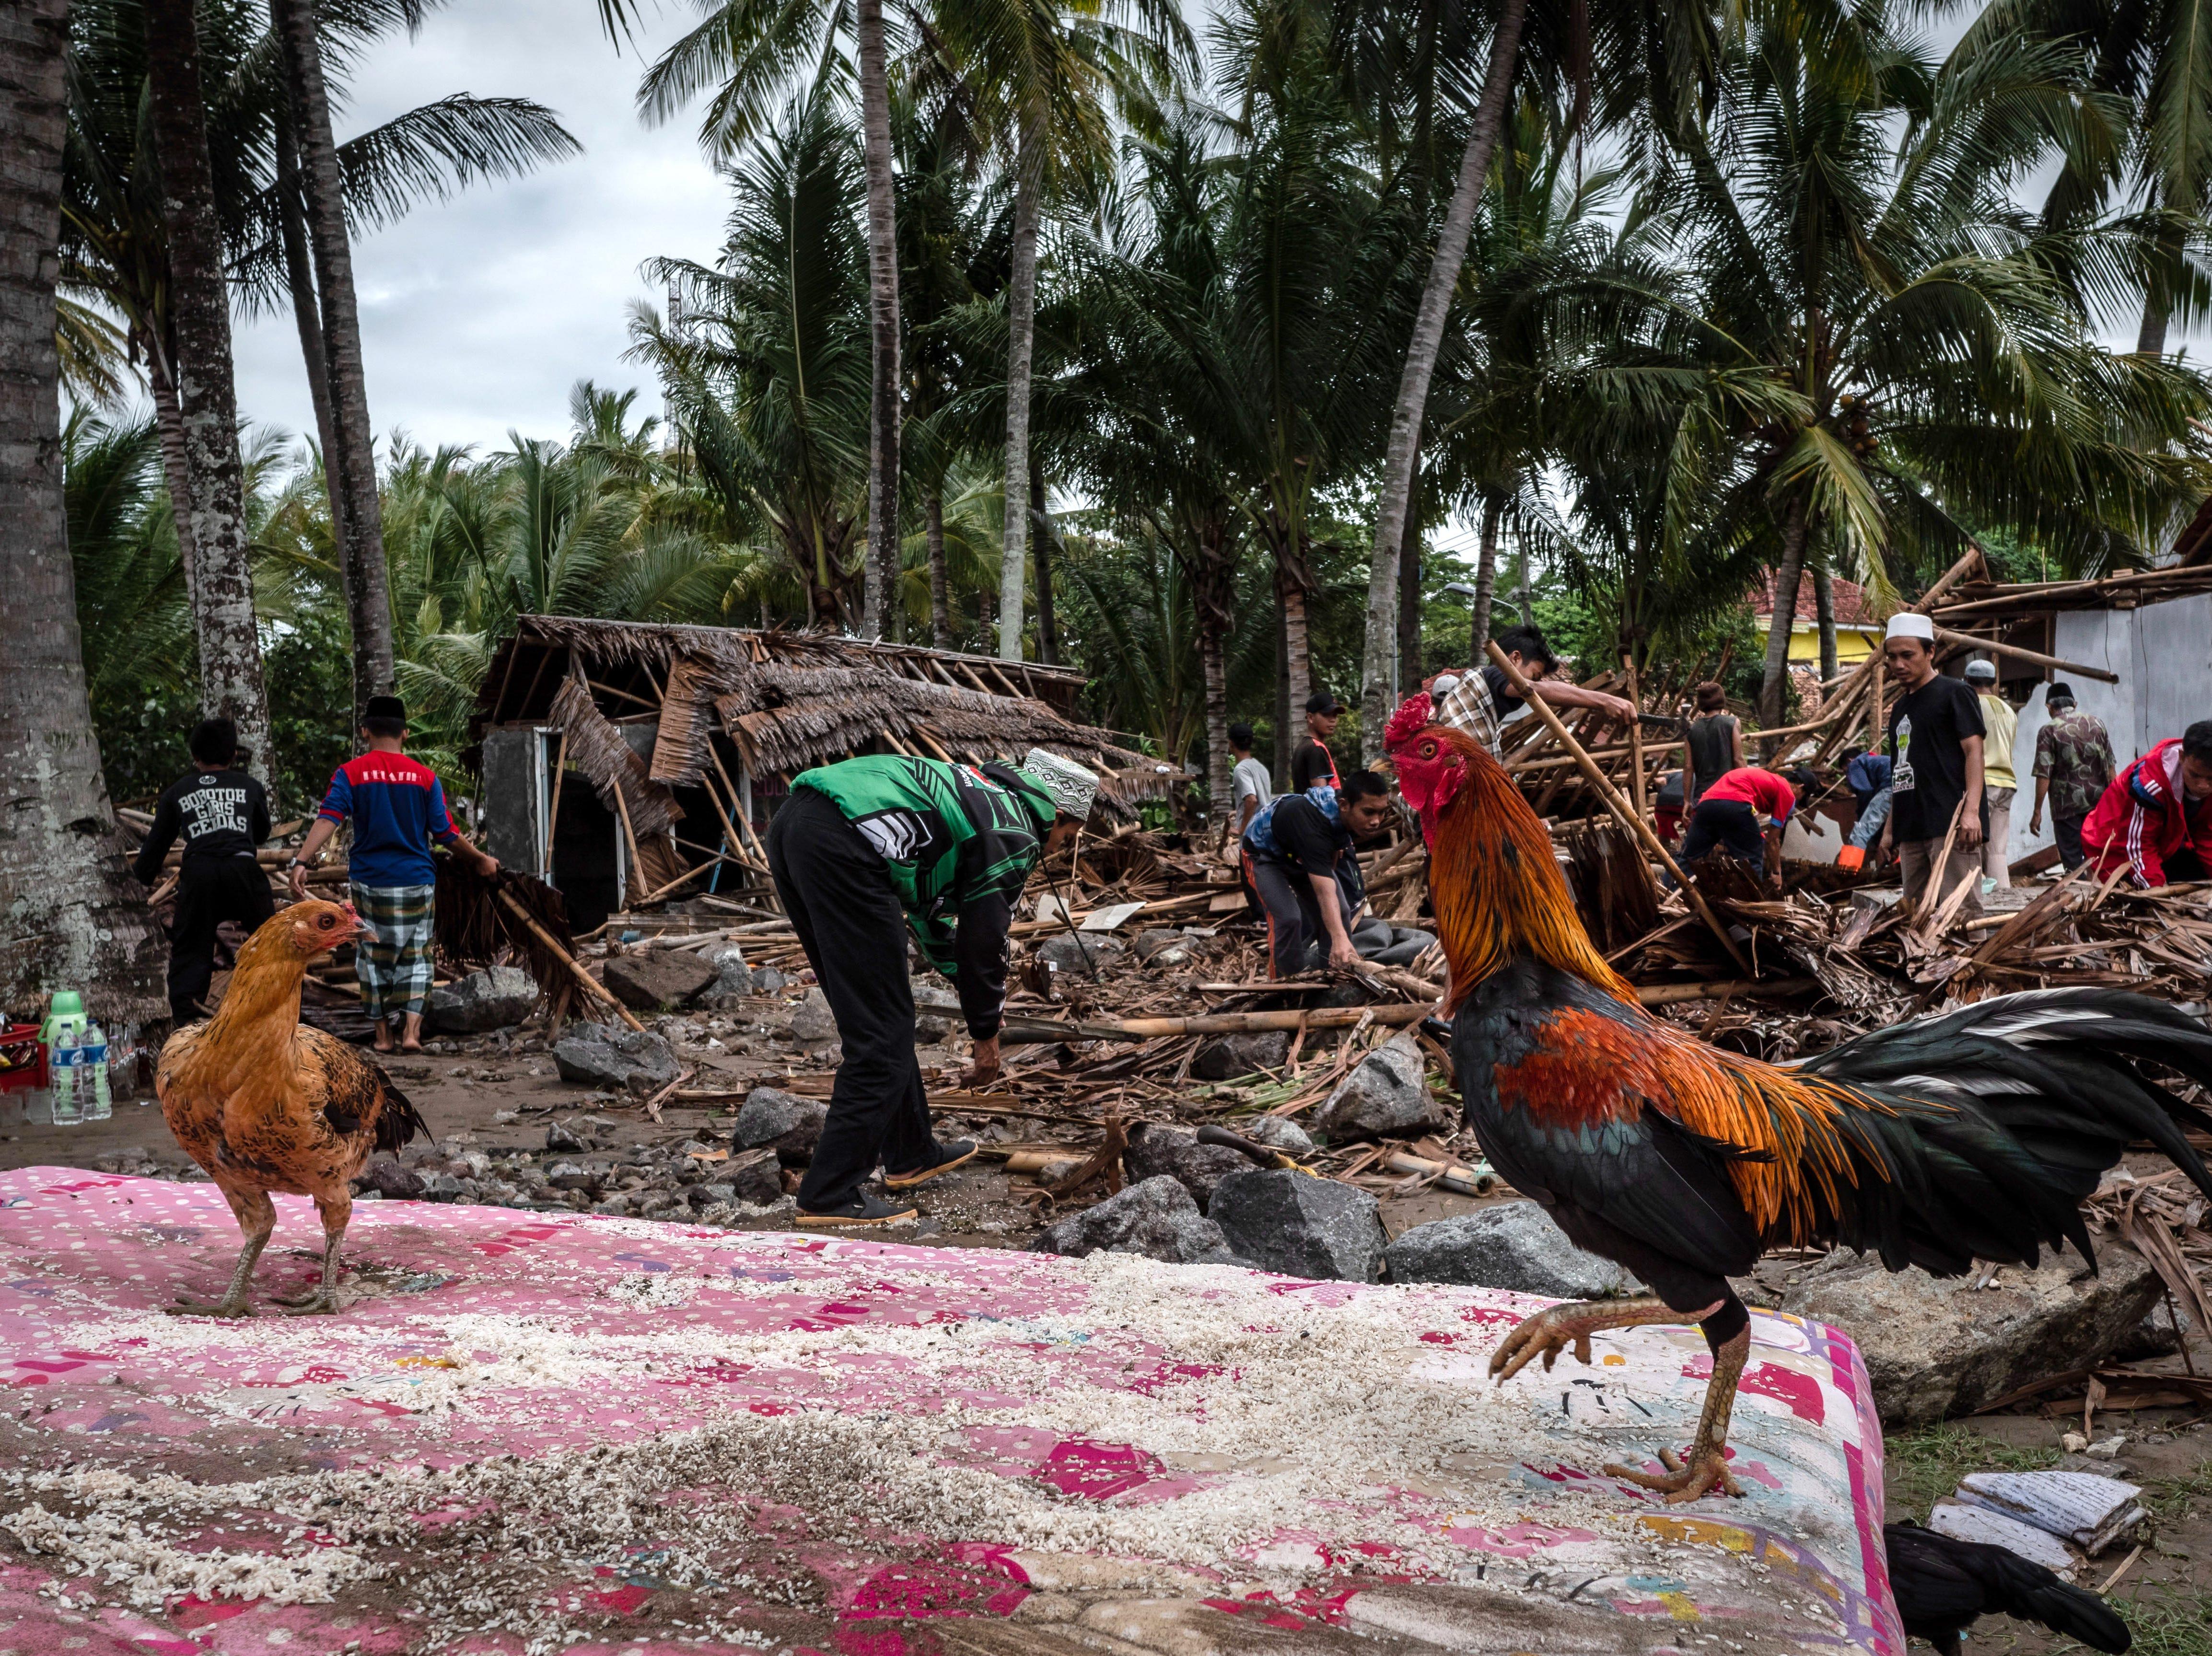 Los aldeanos buscan sus pertenencias en sus casas destruidas después de ser golpeadas por un tsunami el 24 de diciembre de 2018 en Carita, provincia de Banten, Indonesia.